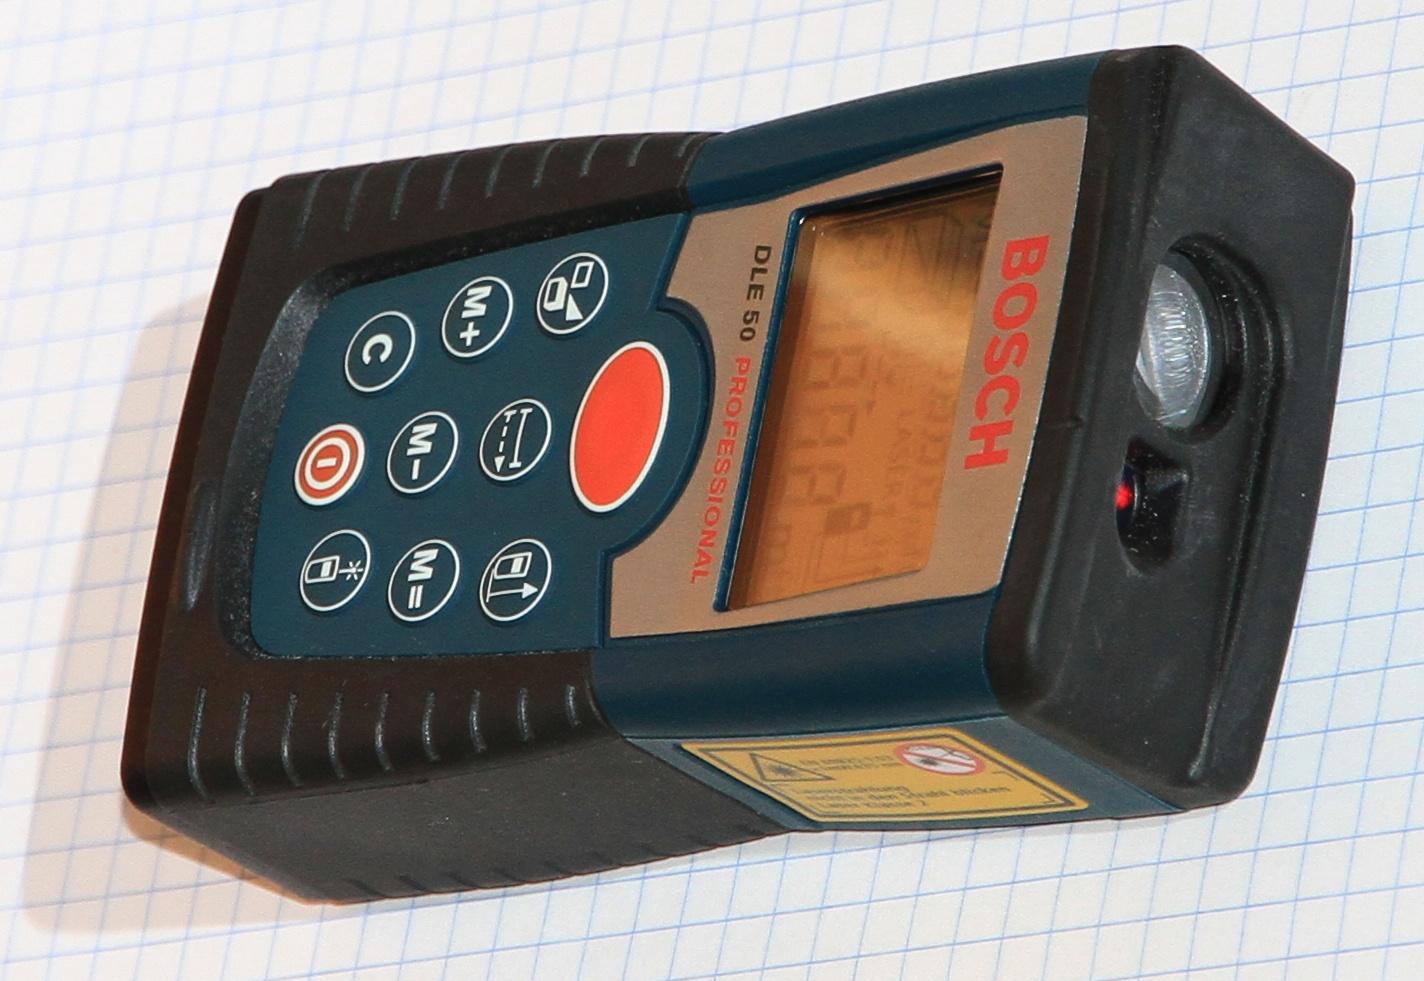 Bosch Entfernungsmesser Hornbach : Wohnung mit laser distanzmessgerät prüfen entfernungsmesser